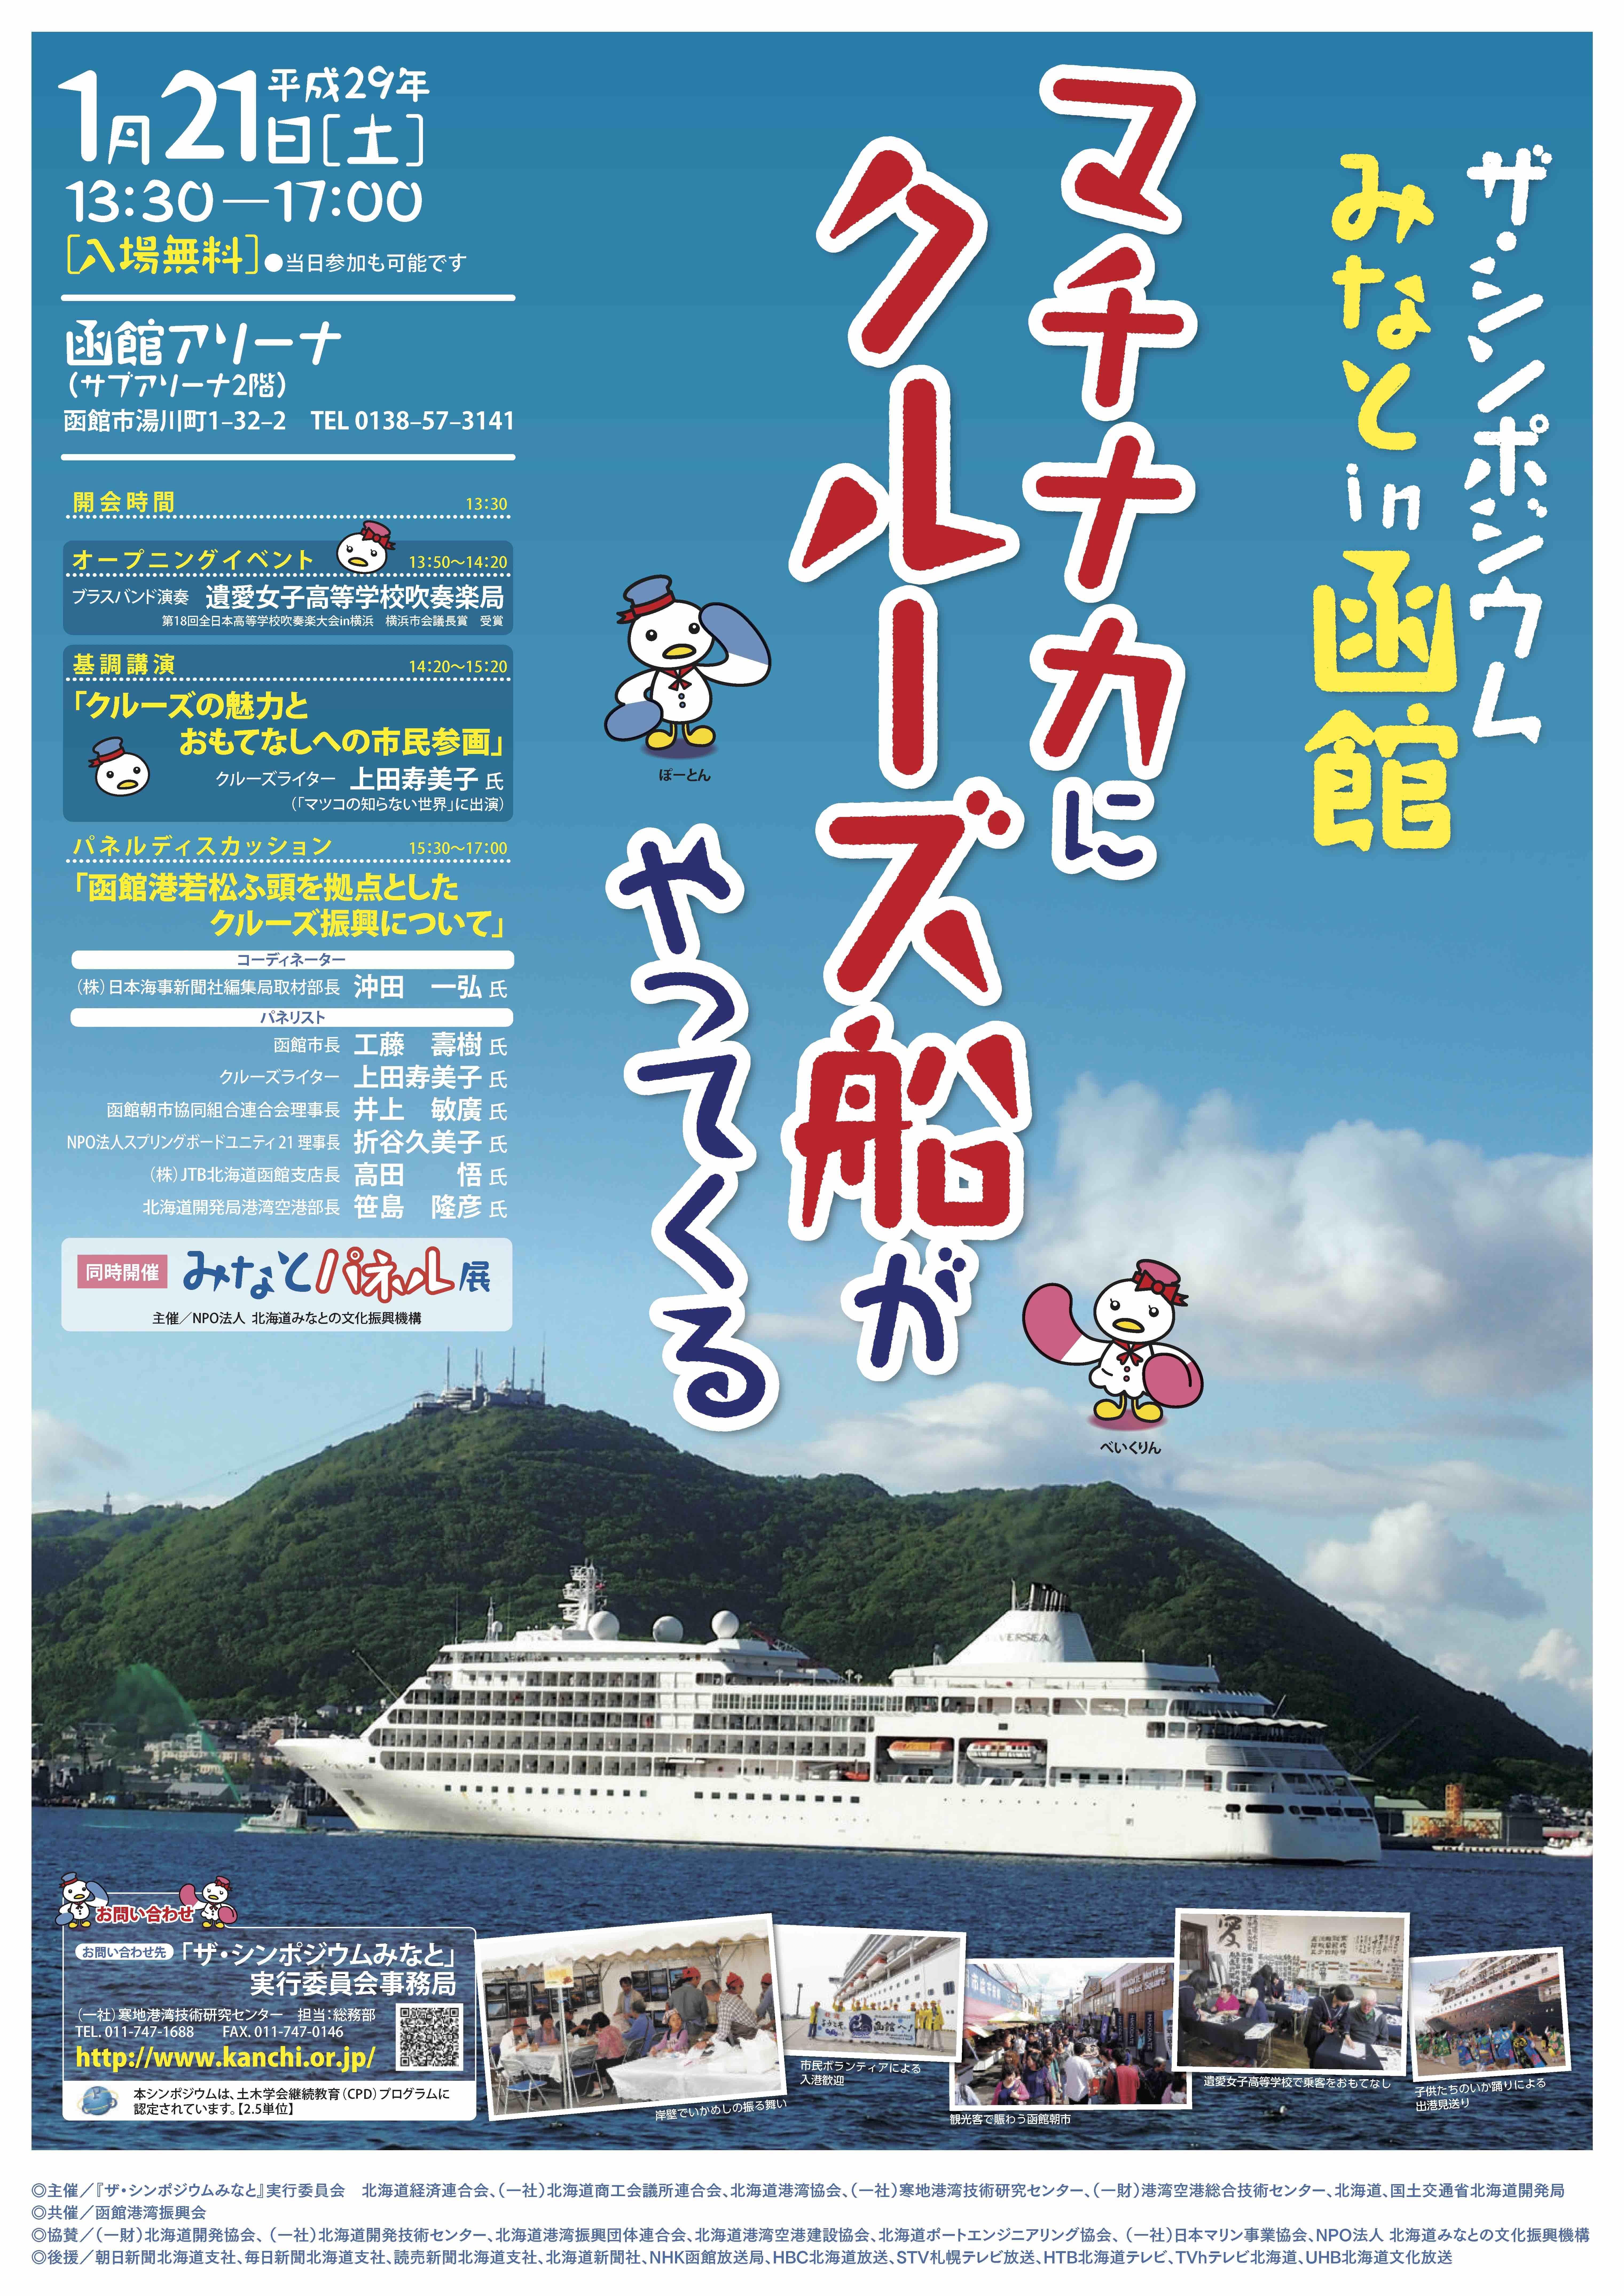 ザ・シンポジウムみなとi n函館 ポスター